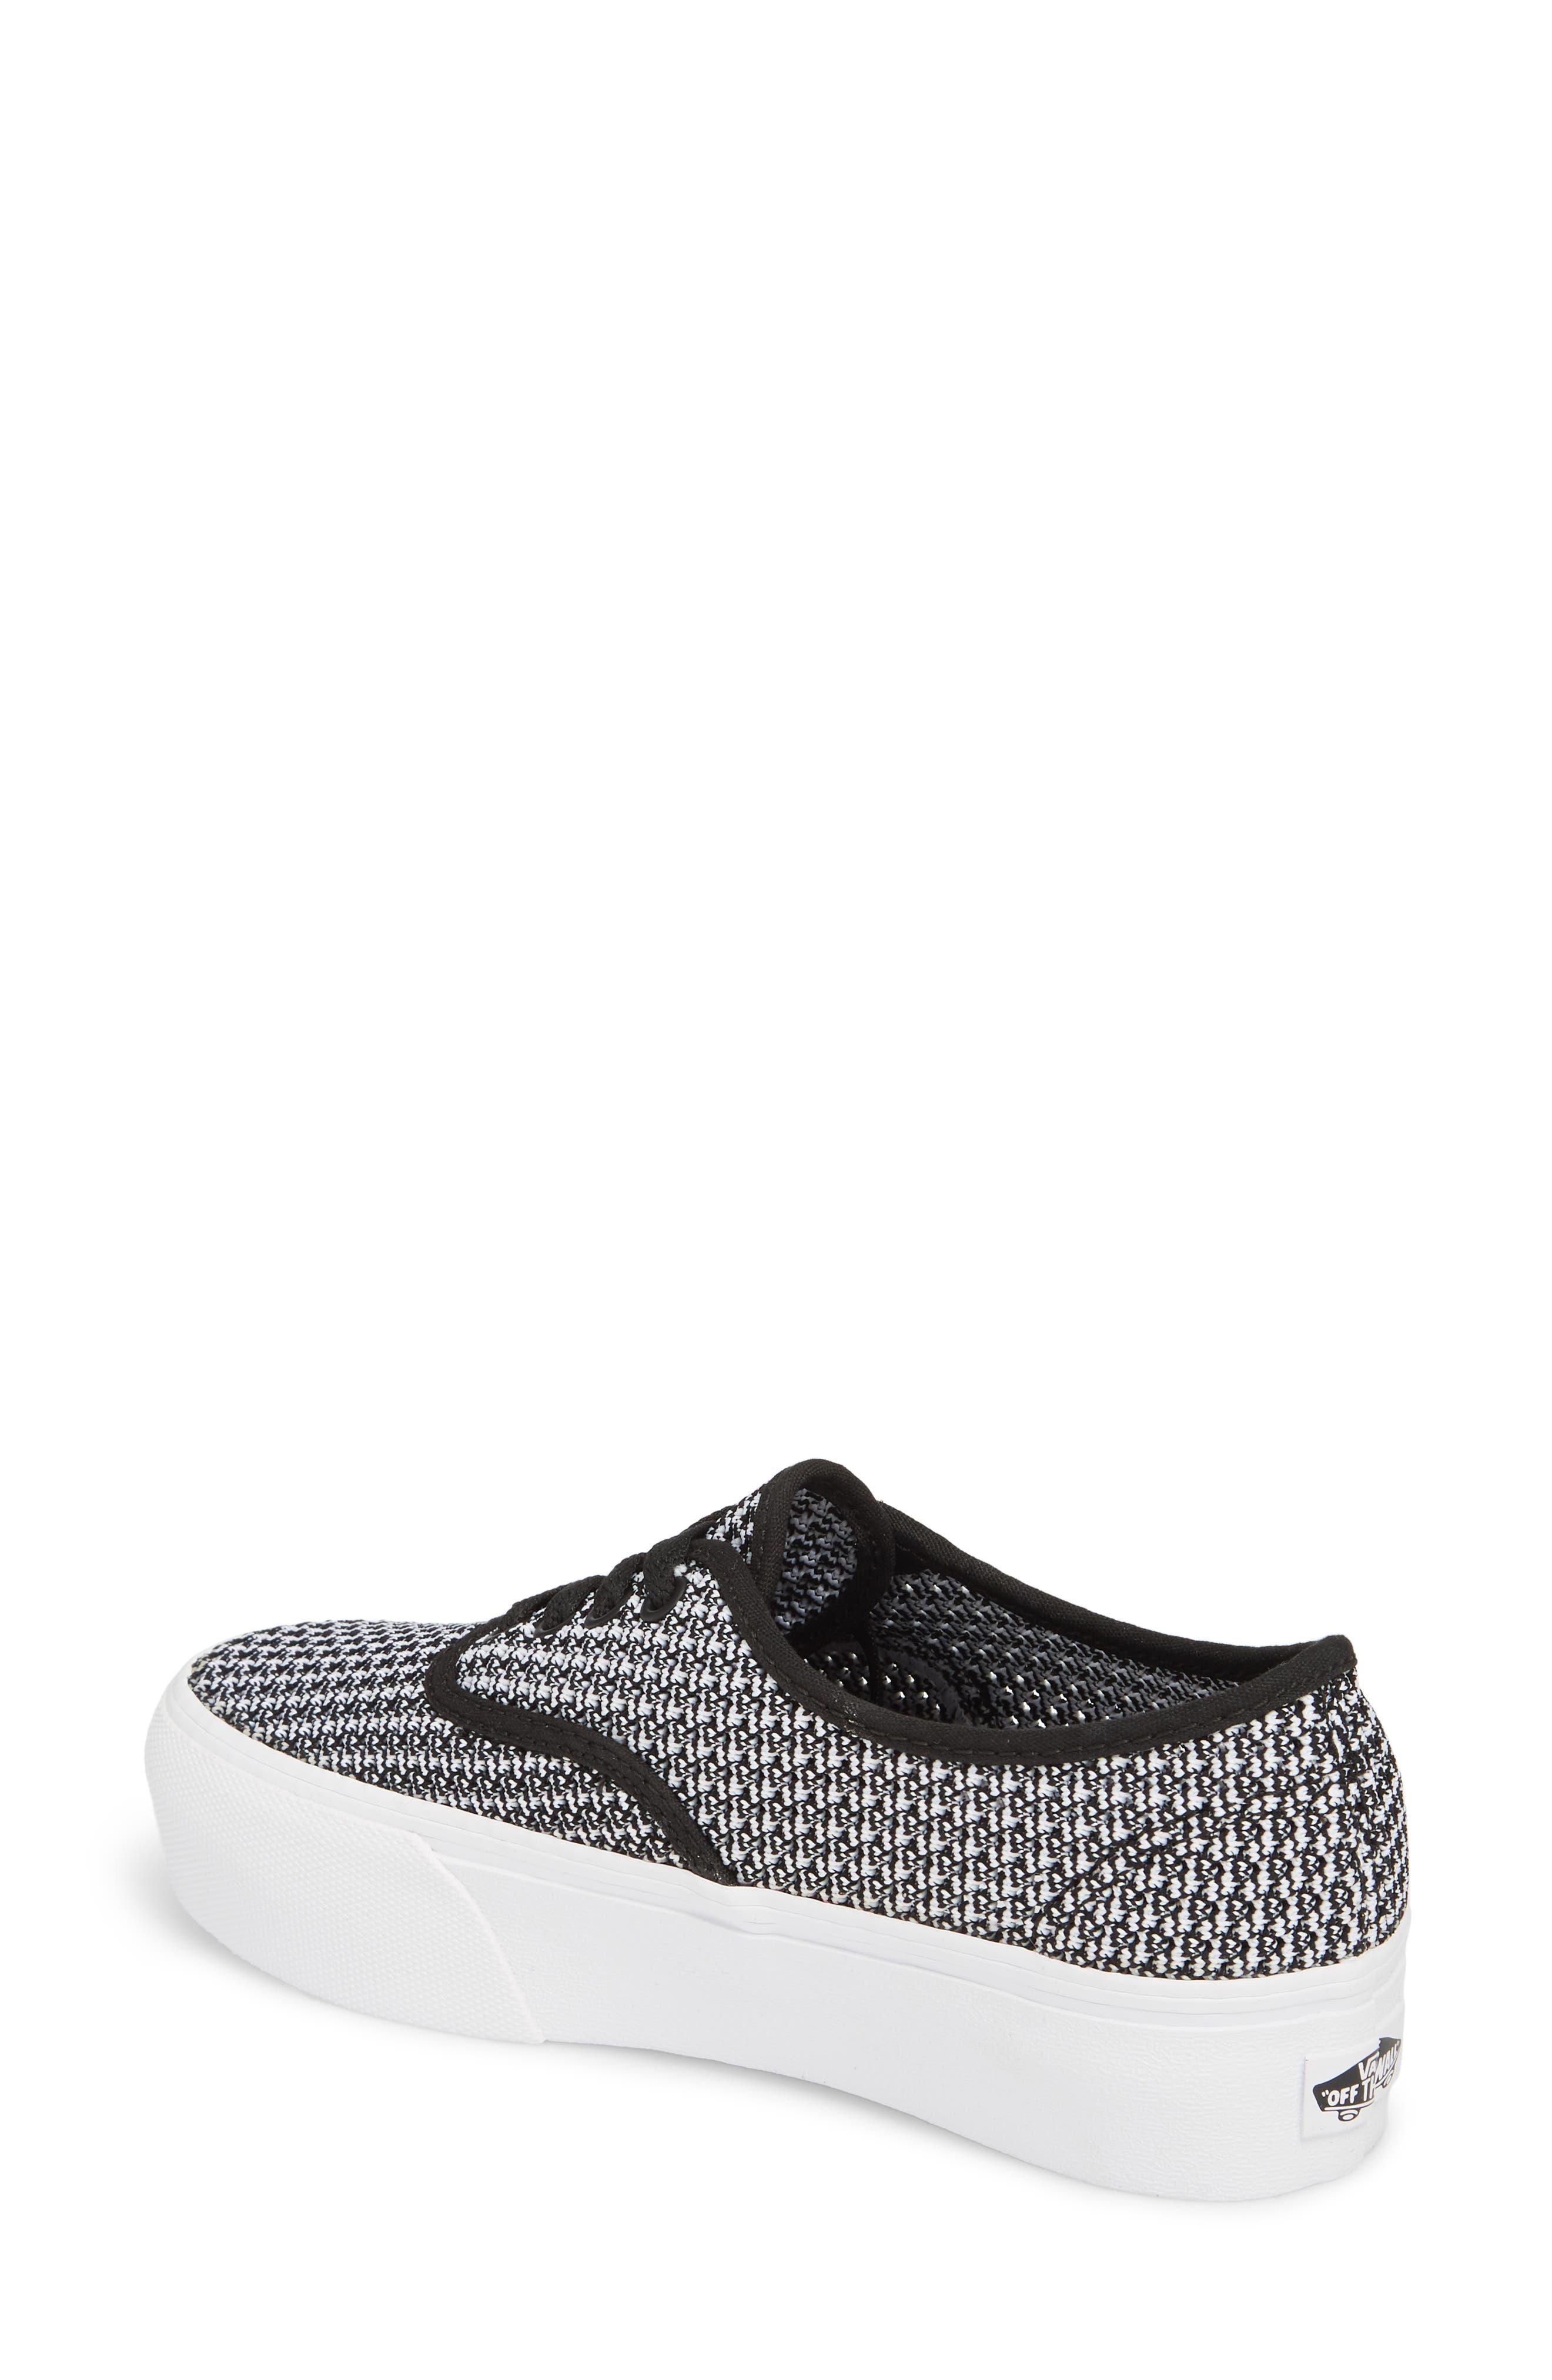 VANS,                             'Authentic' Platform Sneaker,                             Alternate thumbnail 2, color,                             004